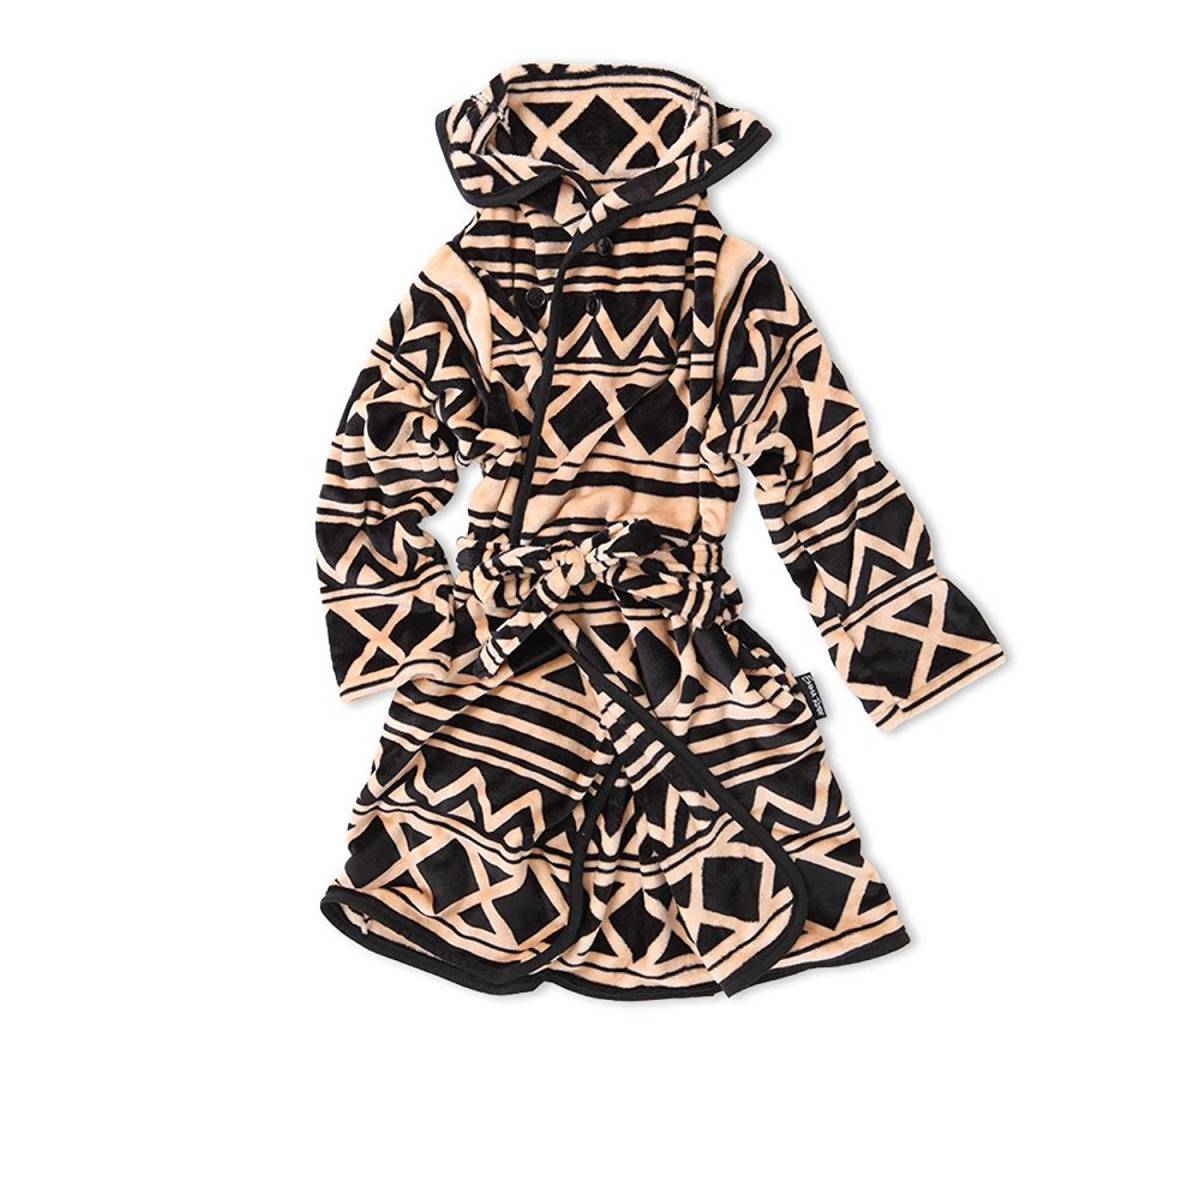 EMMA ROBE エマローブ 着る毛布 BLANKET WEAR ★オルテガ★